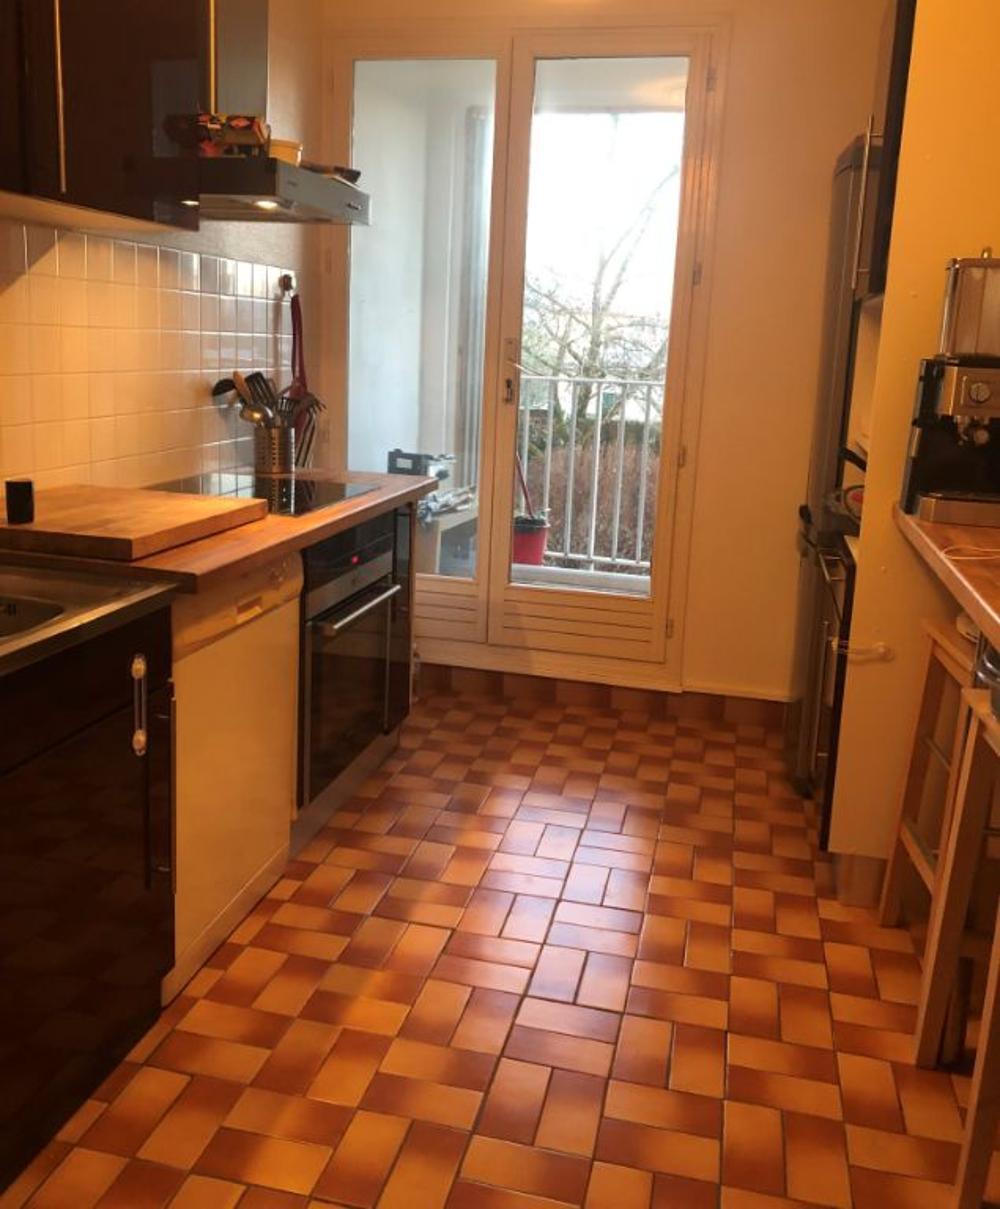 Lons Pyrénées-Atlantiques Apartment Bild 3471215